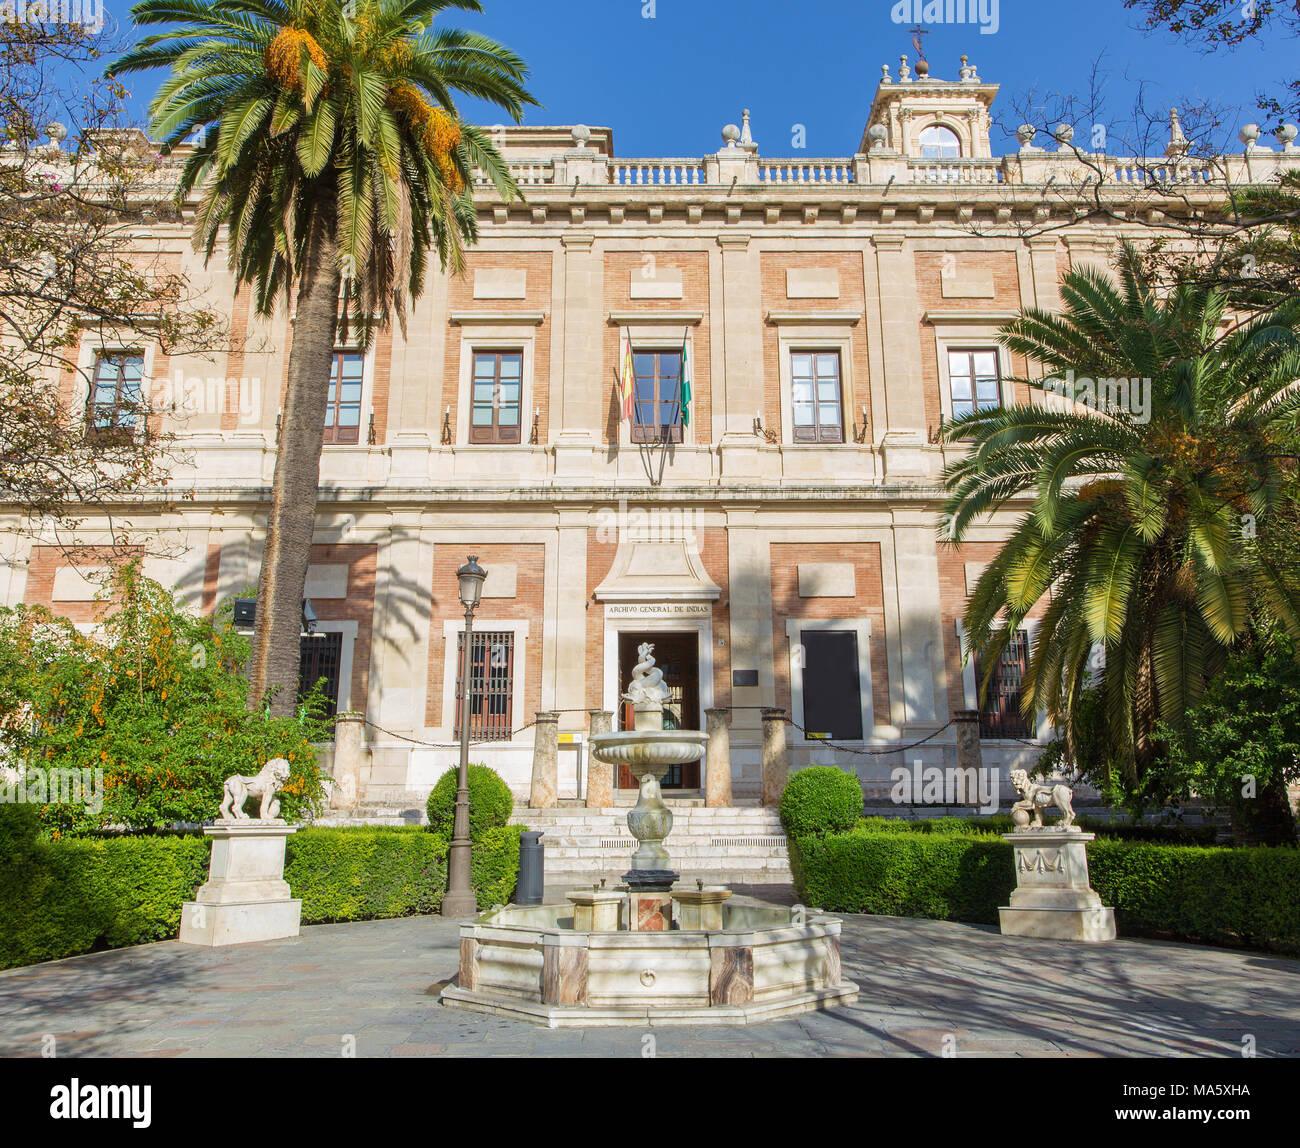 Siviglia - Archivio Generale delle Indie (Archivo General de Indas) edificio rinascimentale (1584 - 1629) progettato Juan de Herrera. Immagini Stock